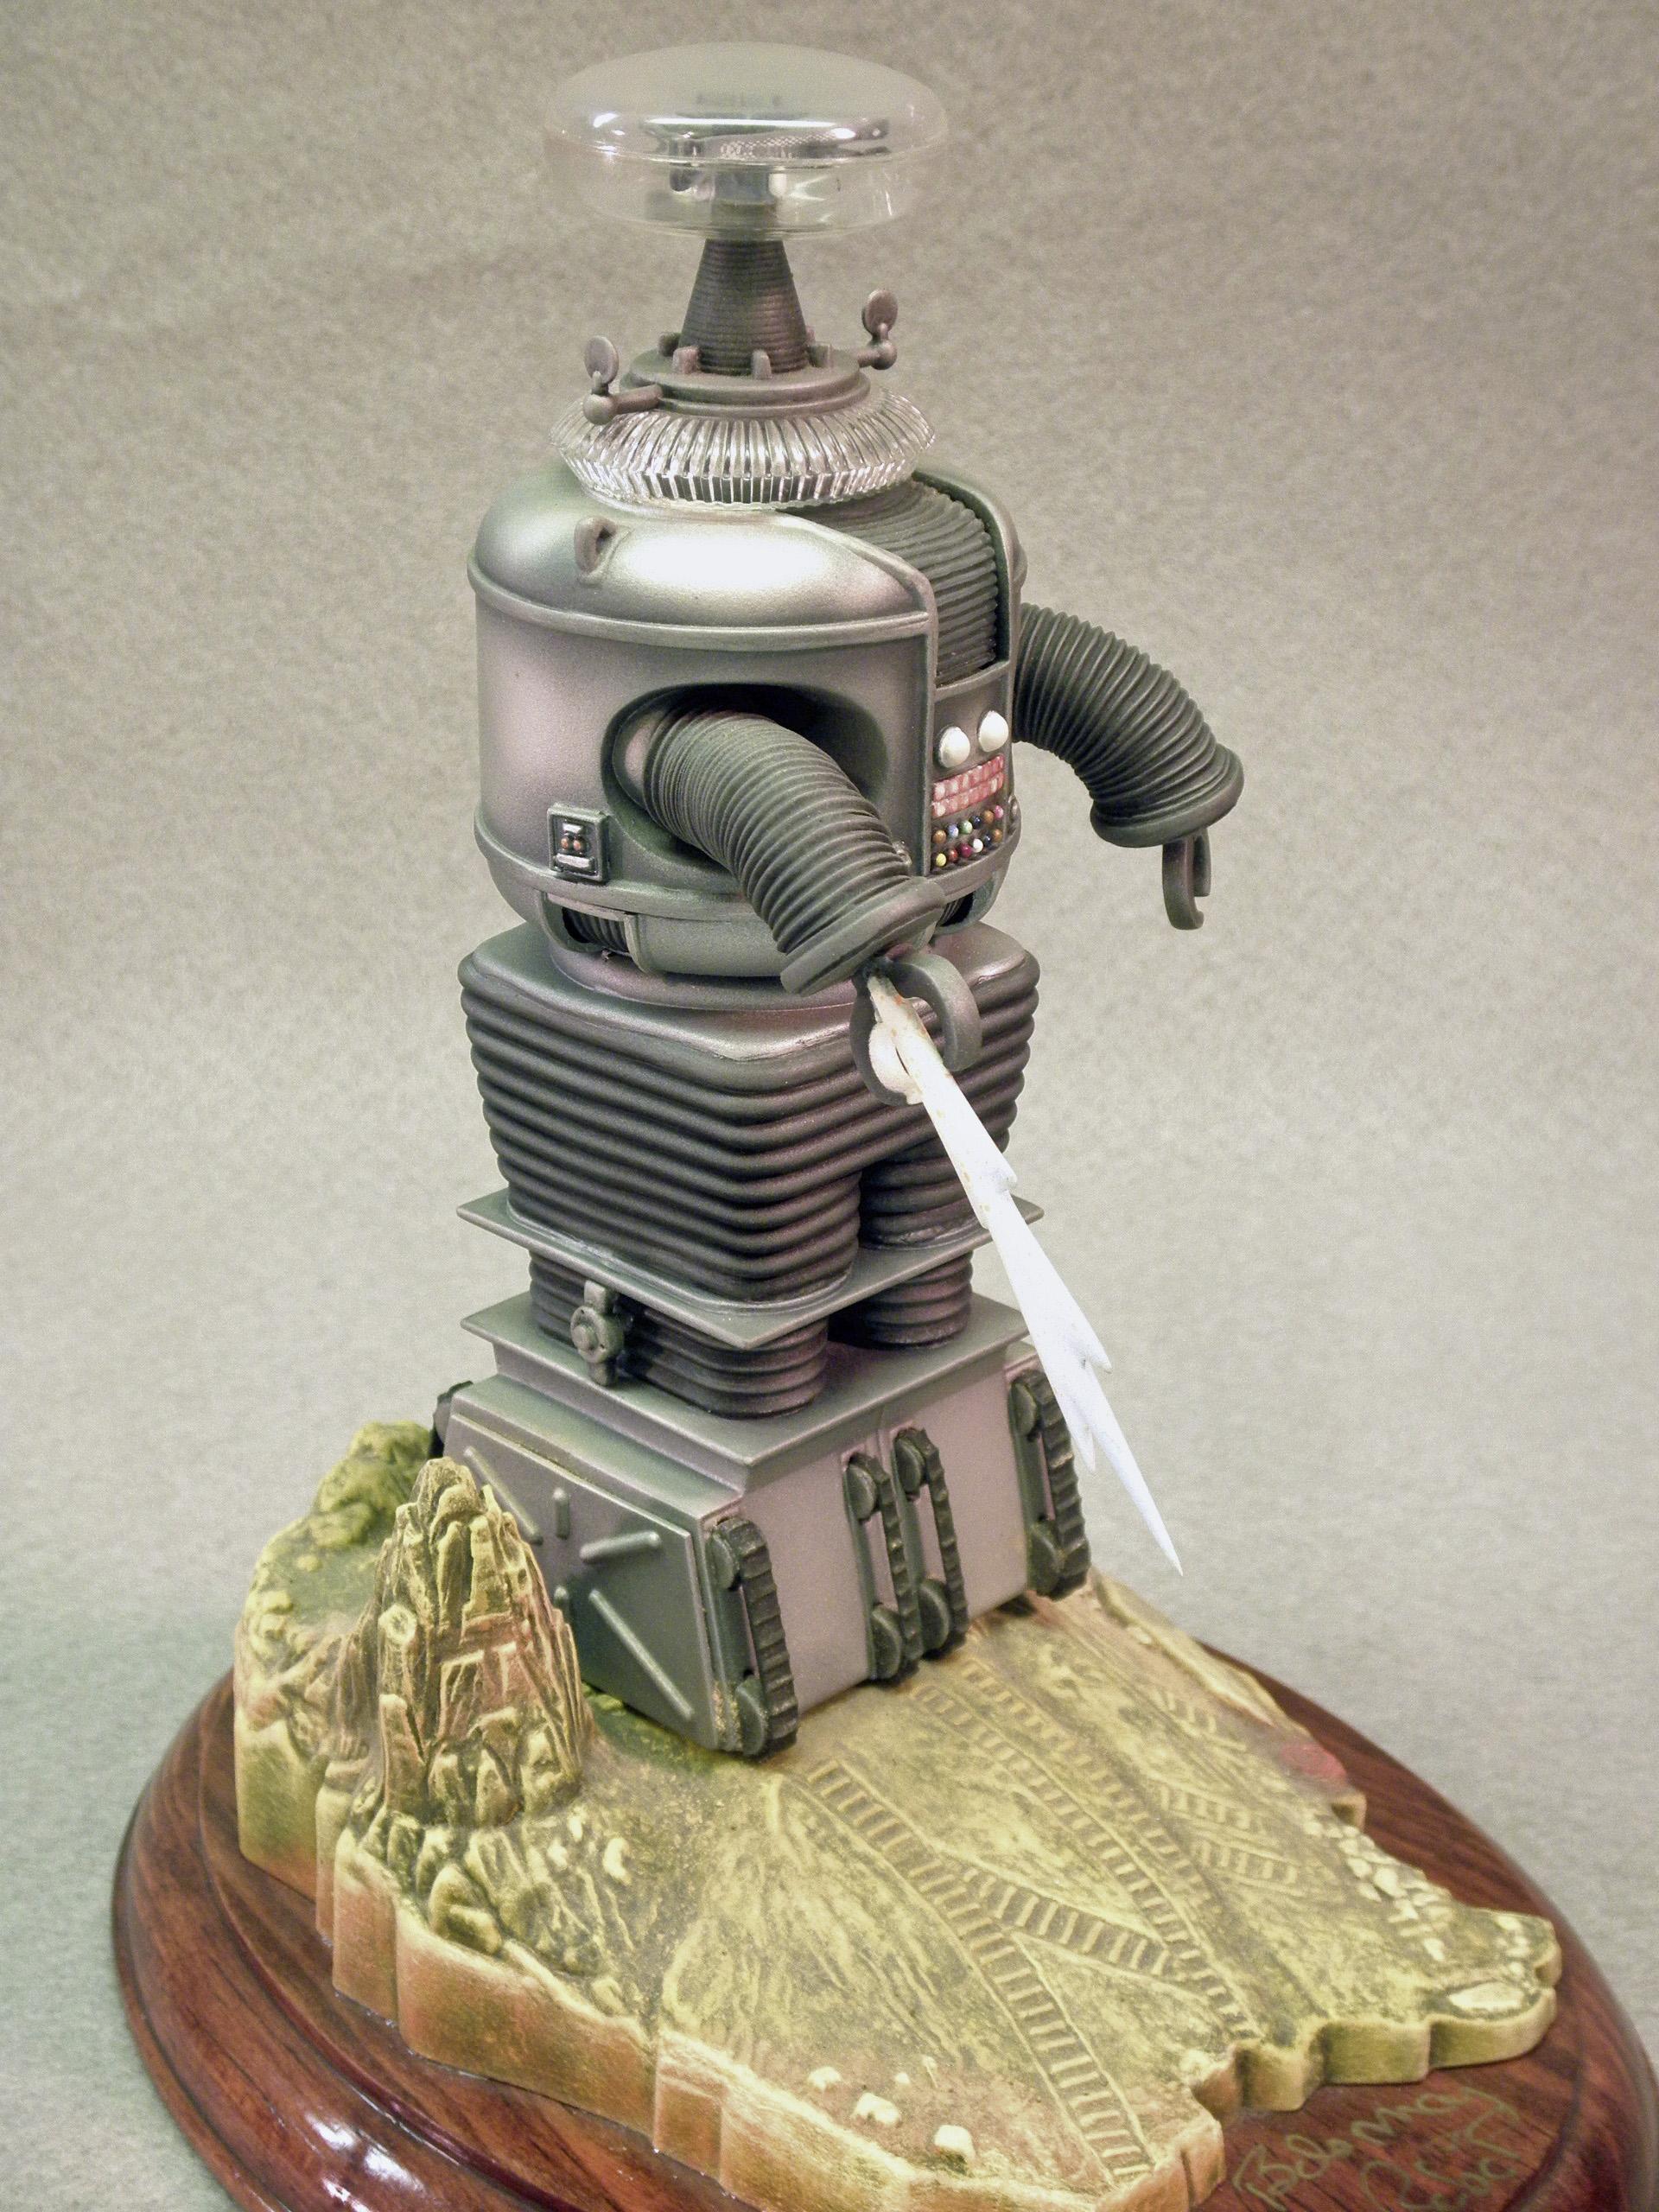 LiS Robot Full Right